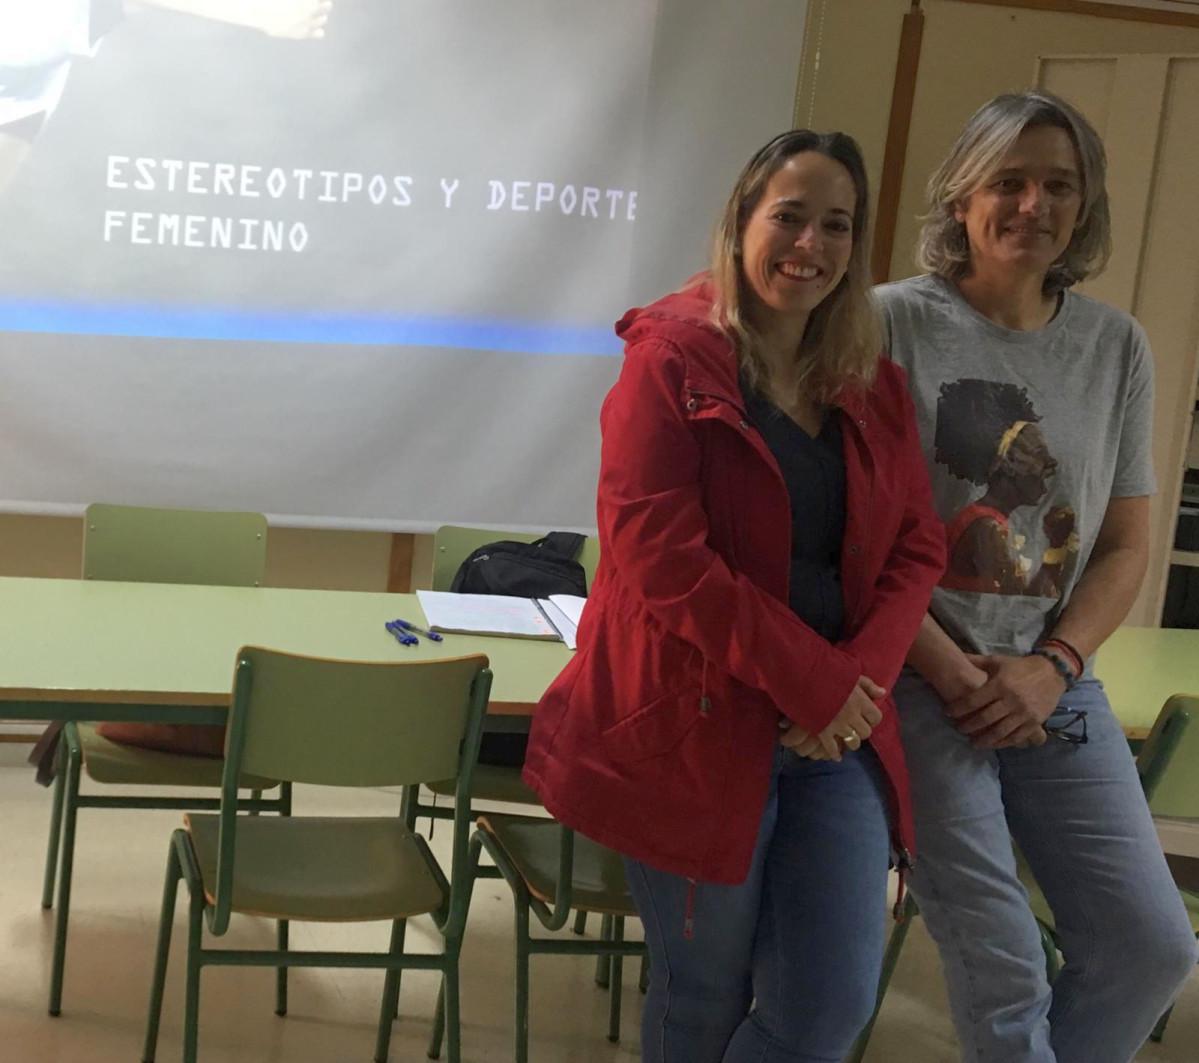 Estereotipos y Deporte Femenino Susana Machin y Myriam Henningsen